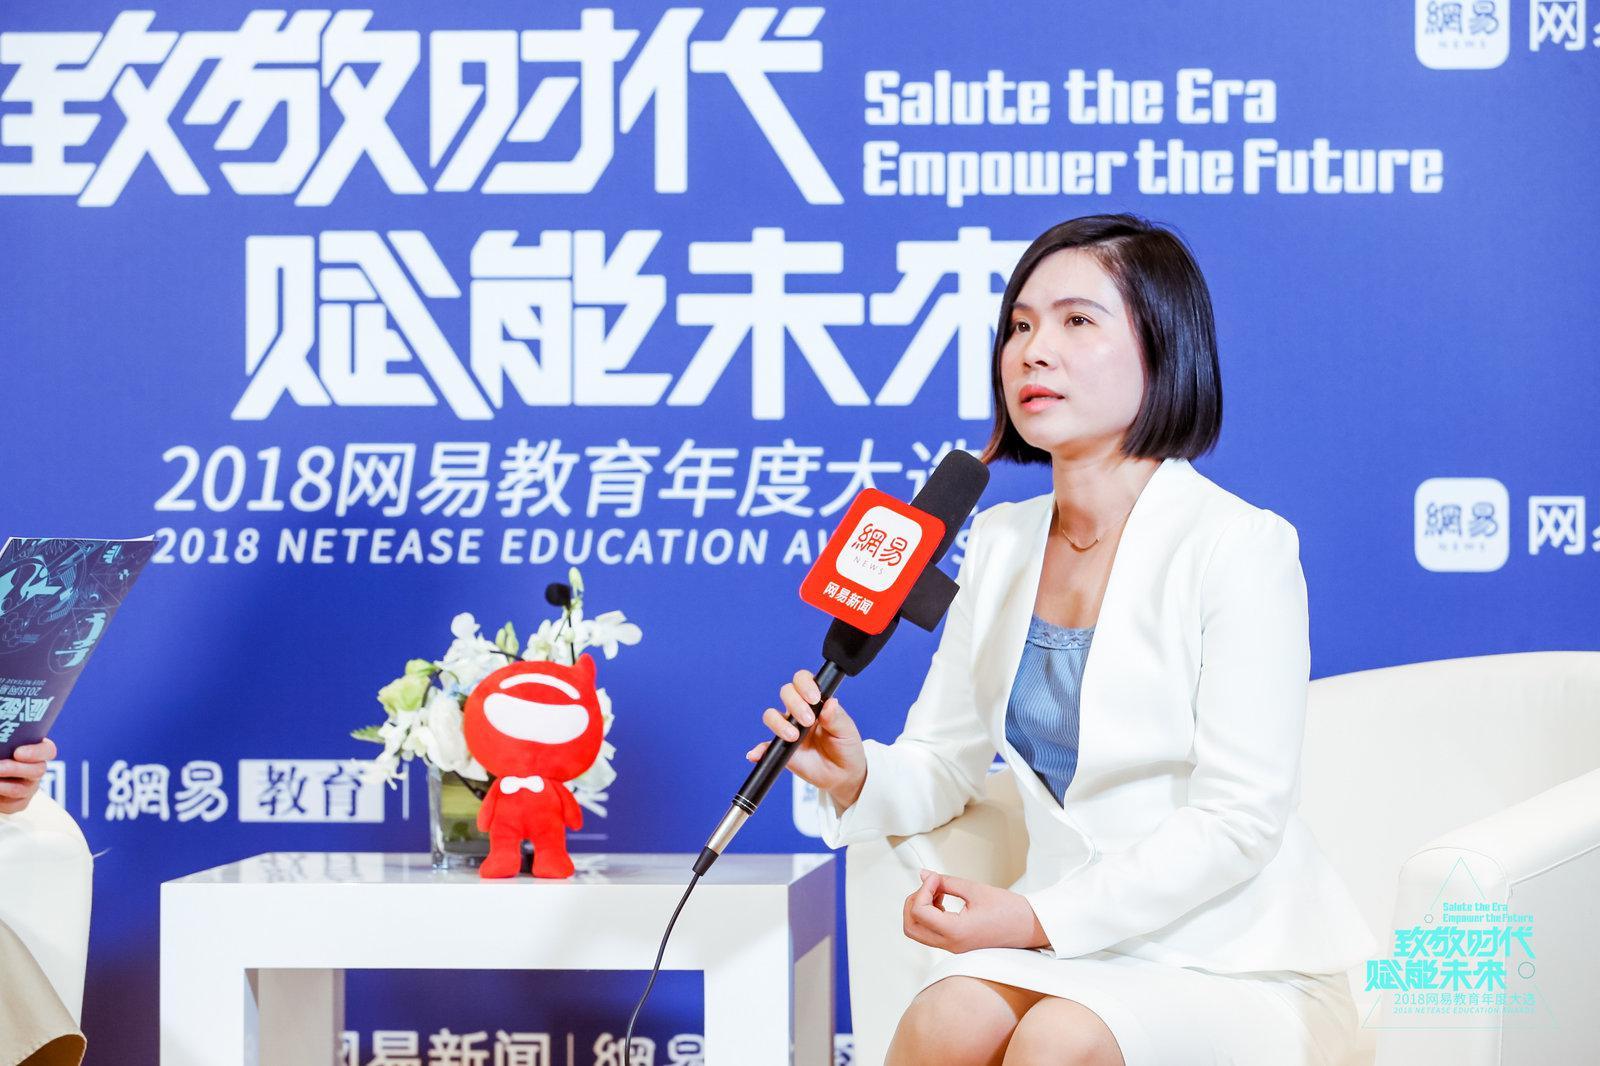 君学叶娟:未来继续坚持战略和使命不变 持续为行业赋能